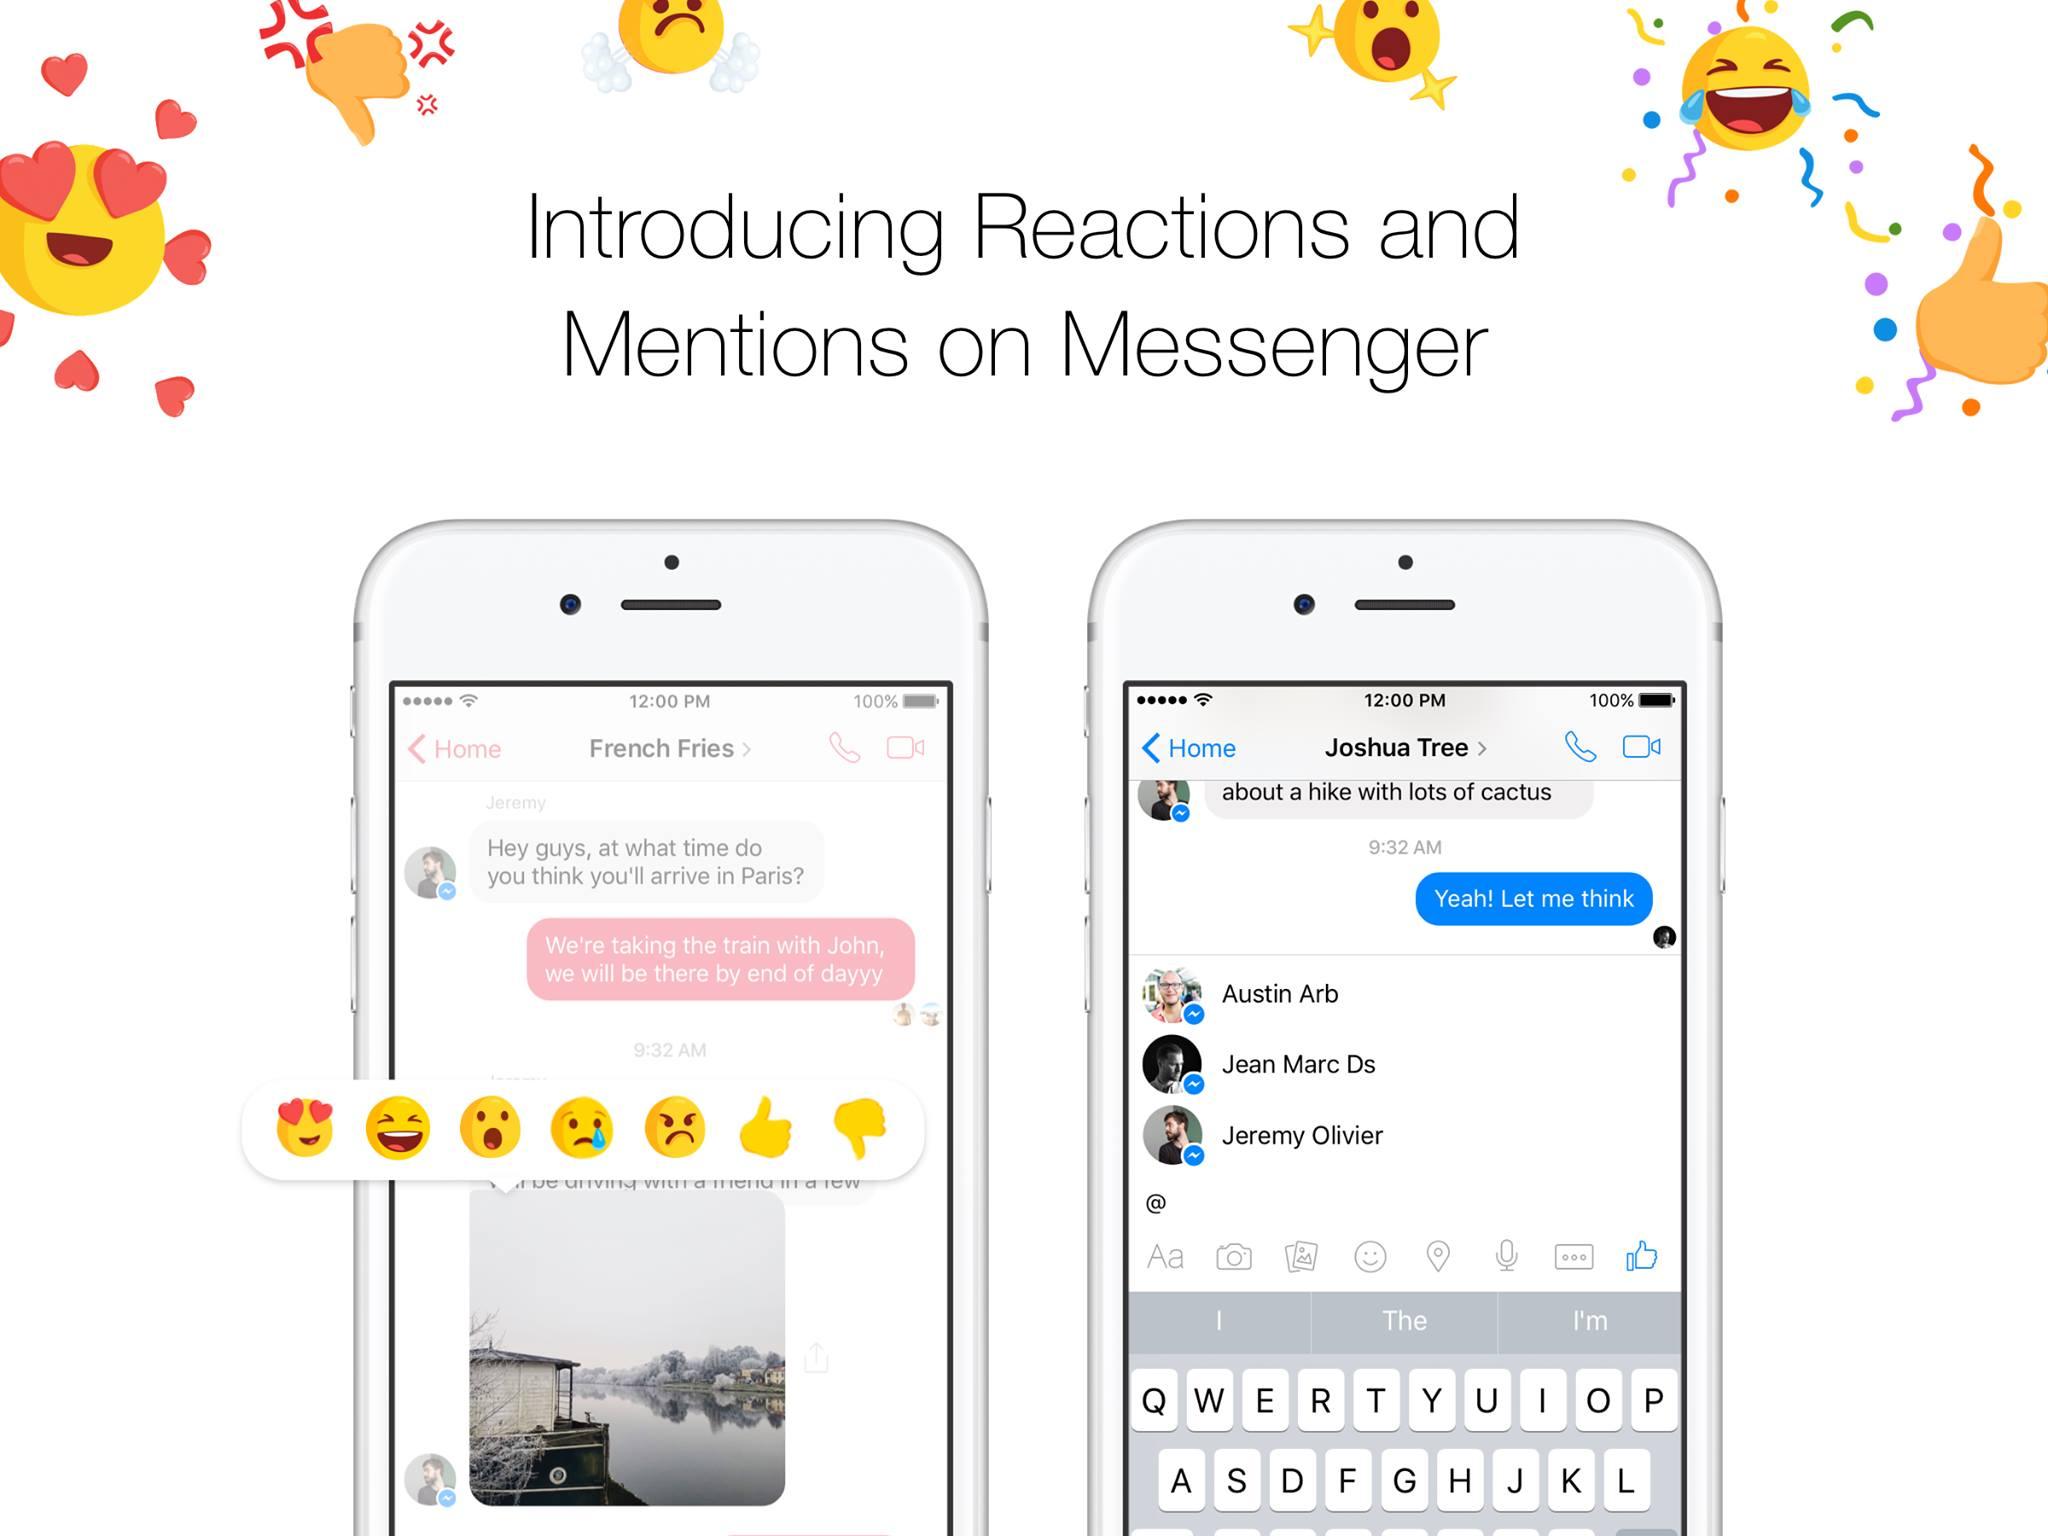 reacciones en messenger